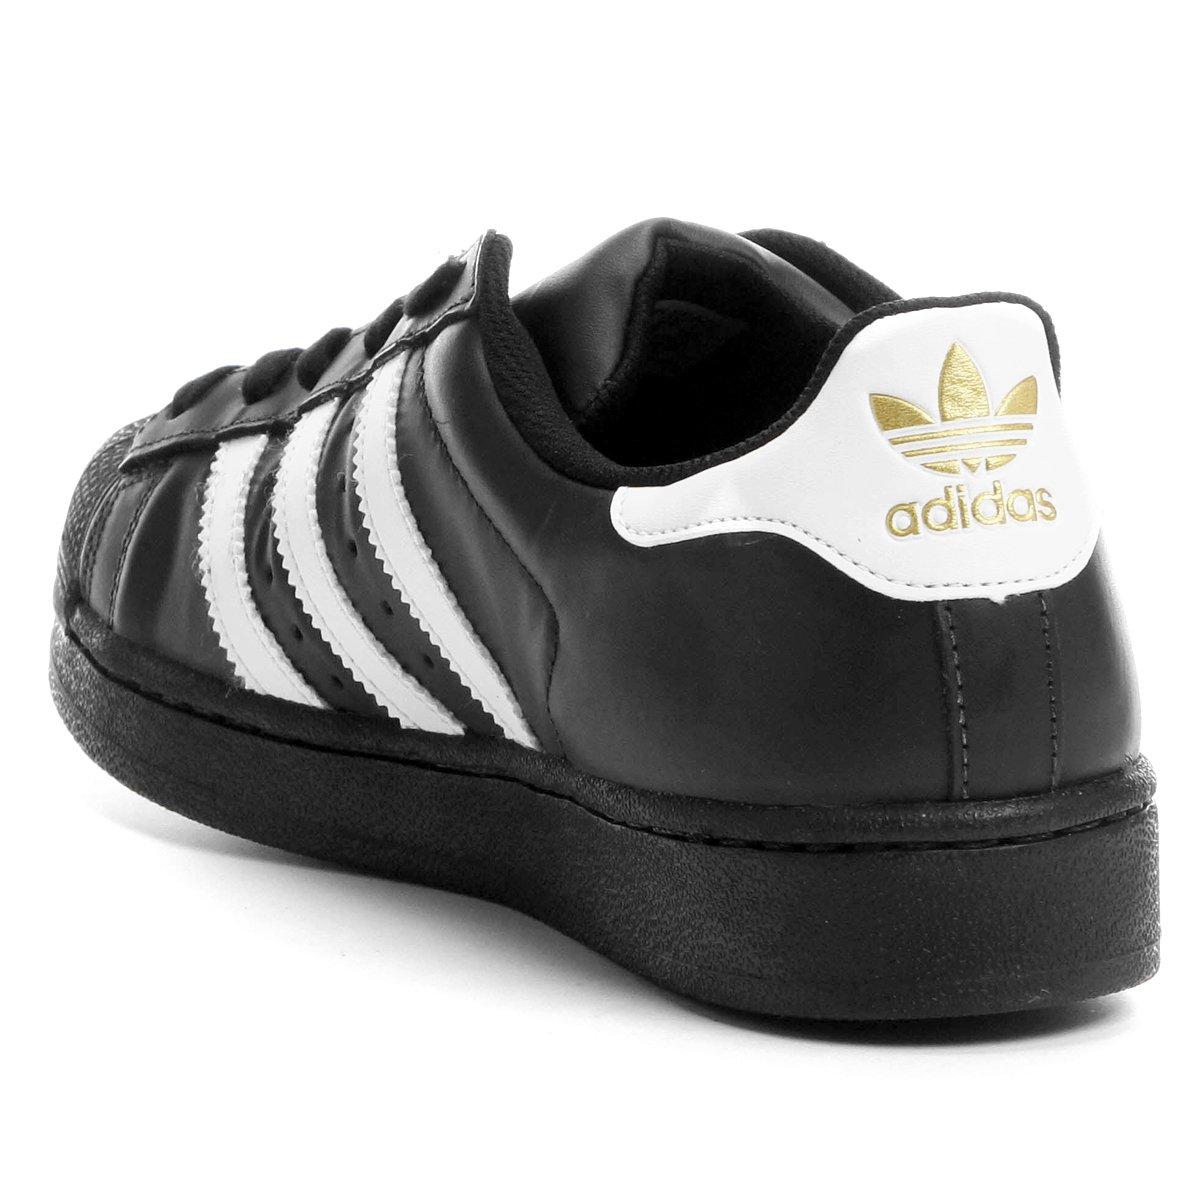 Tênis Adidas Superstar Foundation - Preto e Branco - Compre Agora ... 9fdbca4994047